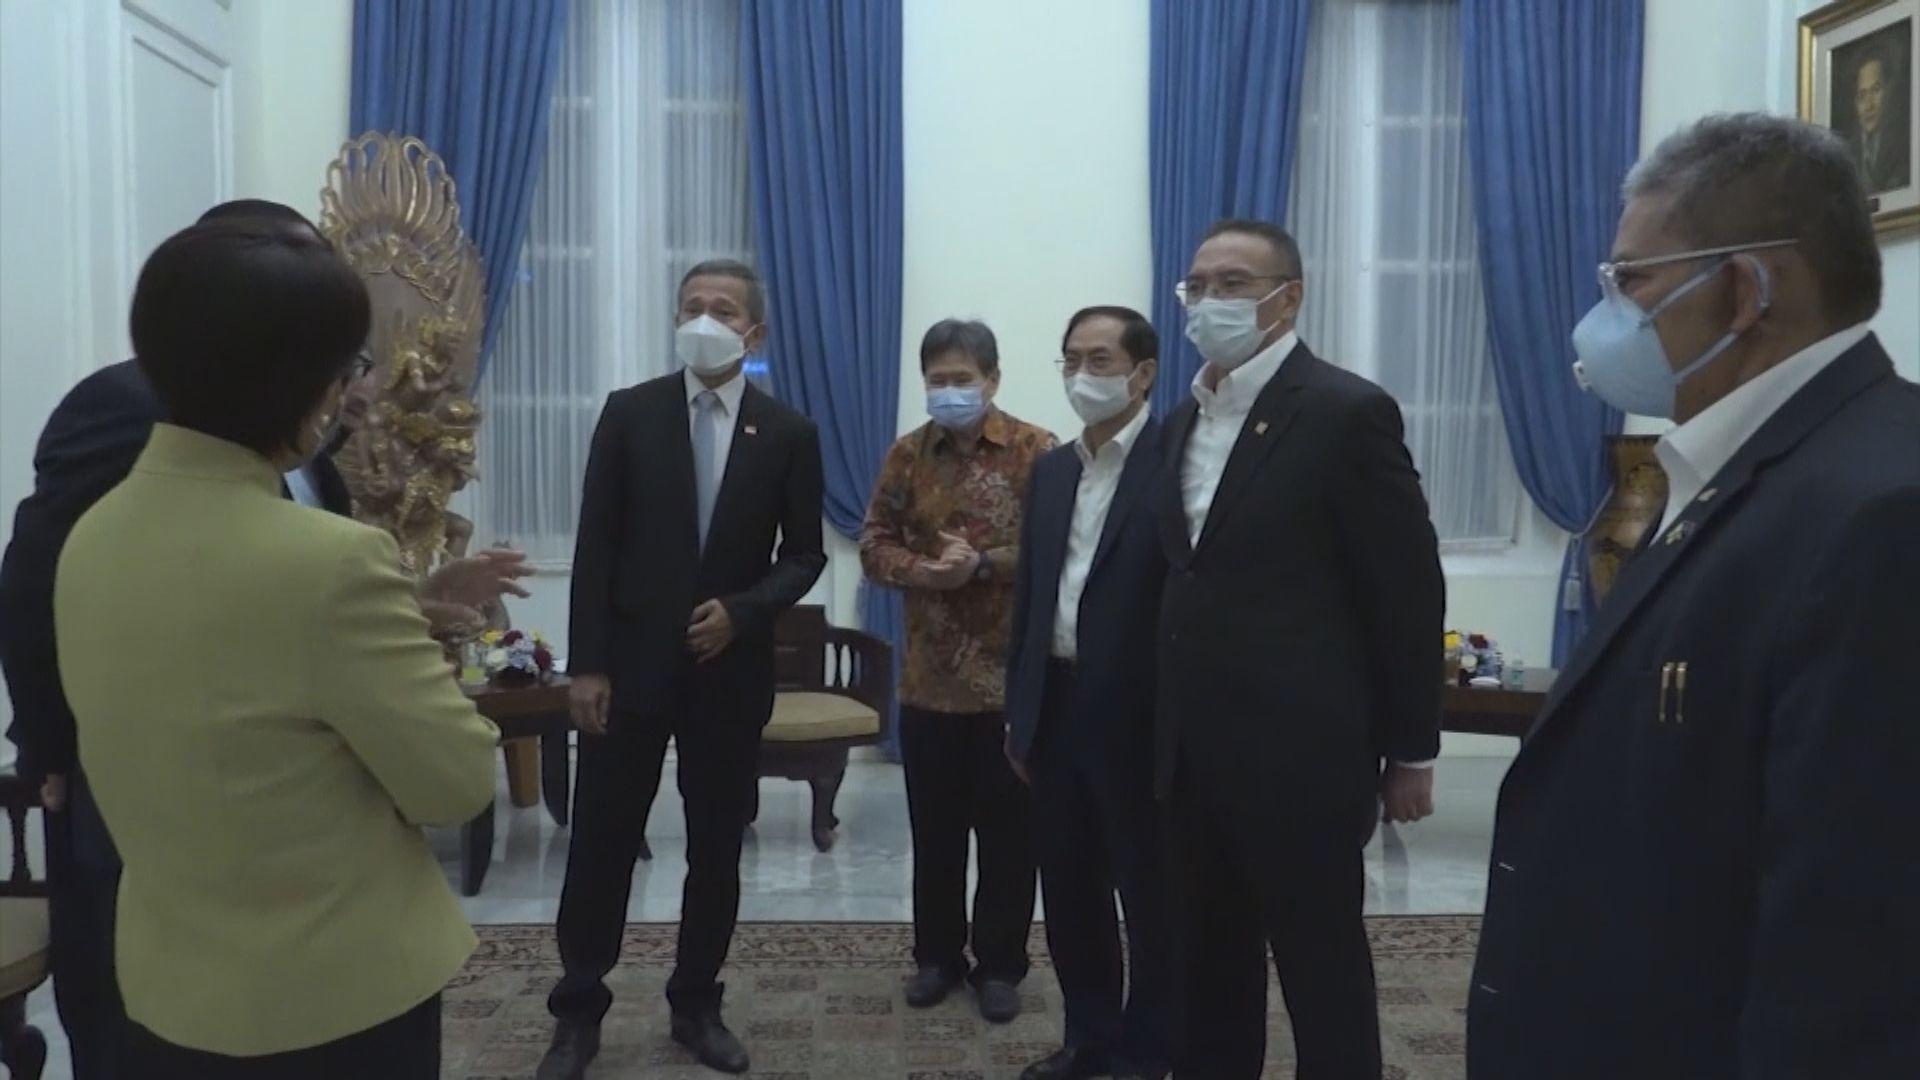 緬甸待局勢穩定後才考慮讓東盟特使到訪